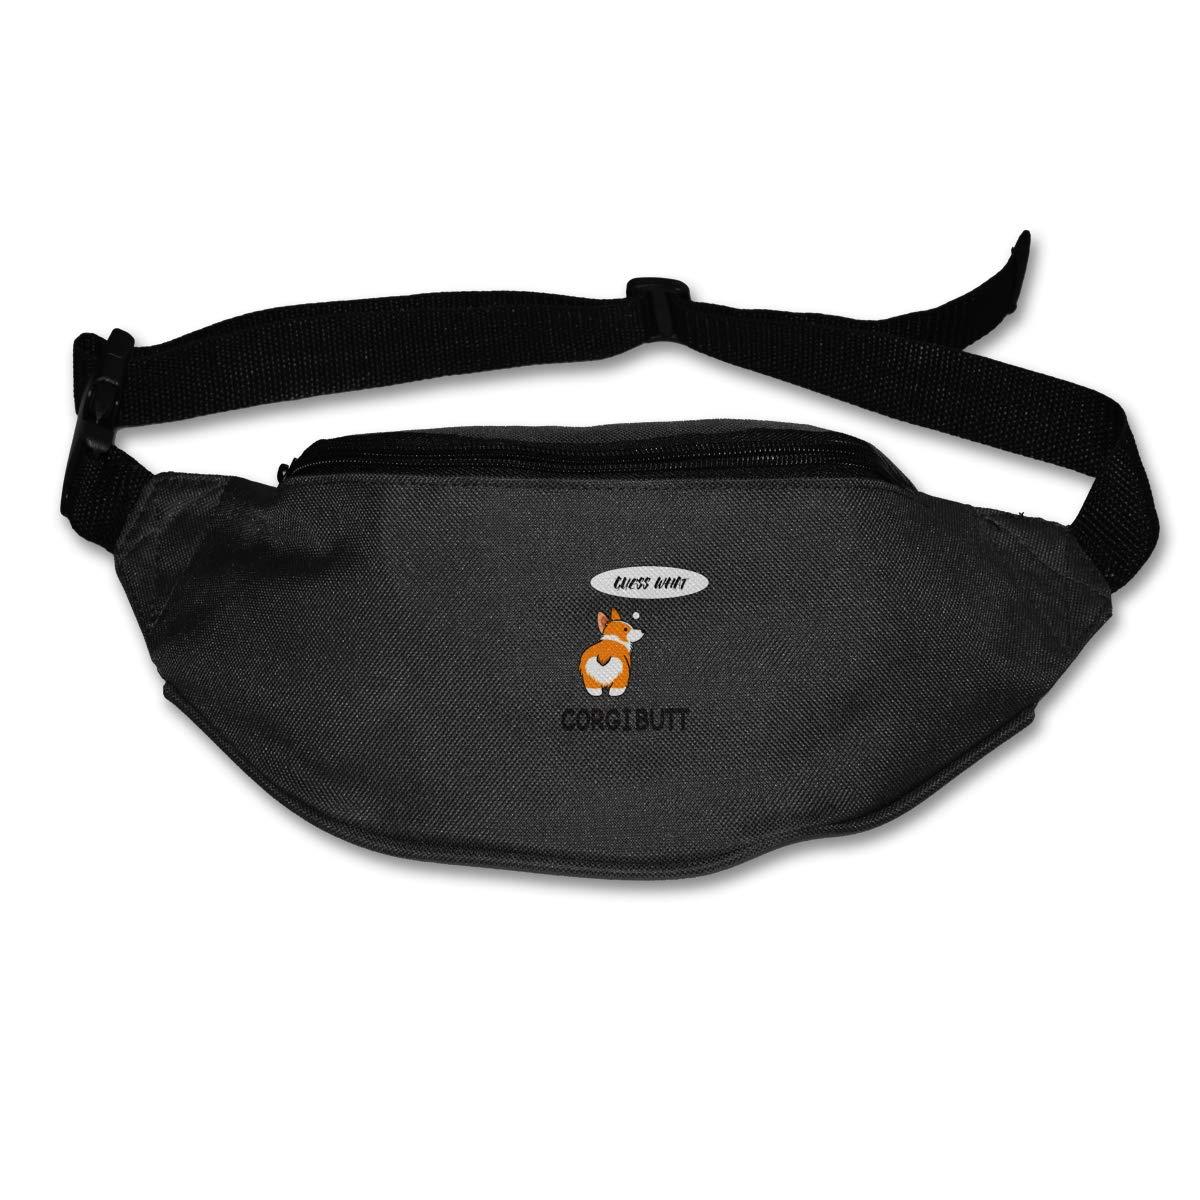 Guess What Corgi Butt Sport Waist Pack Fanny Pack Adjustable For Run